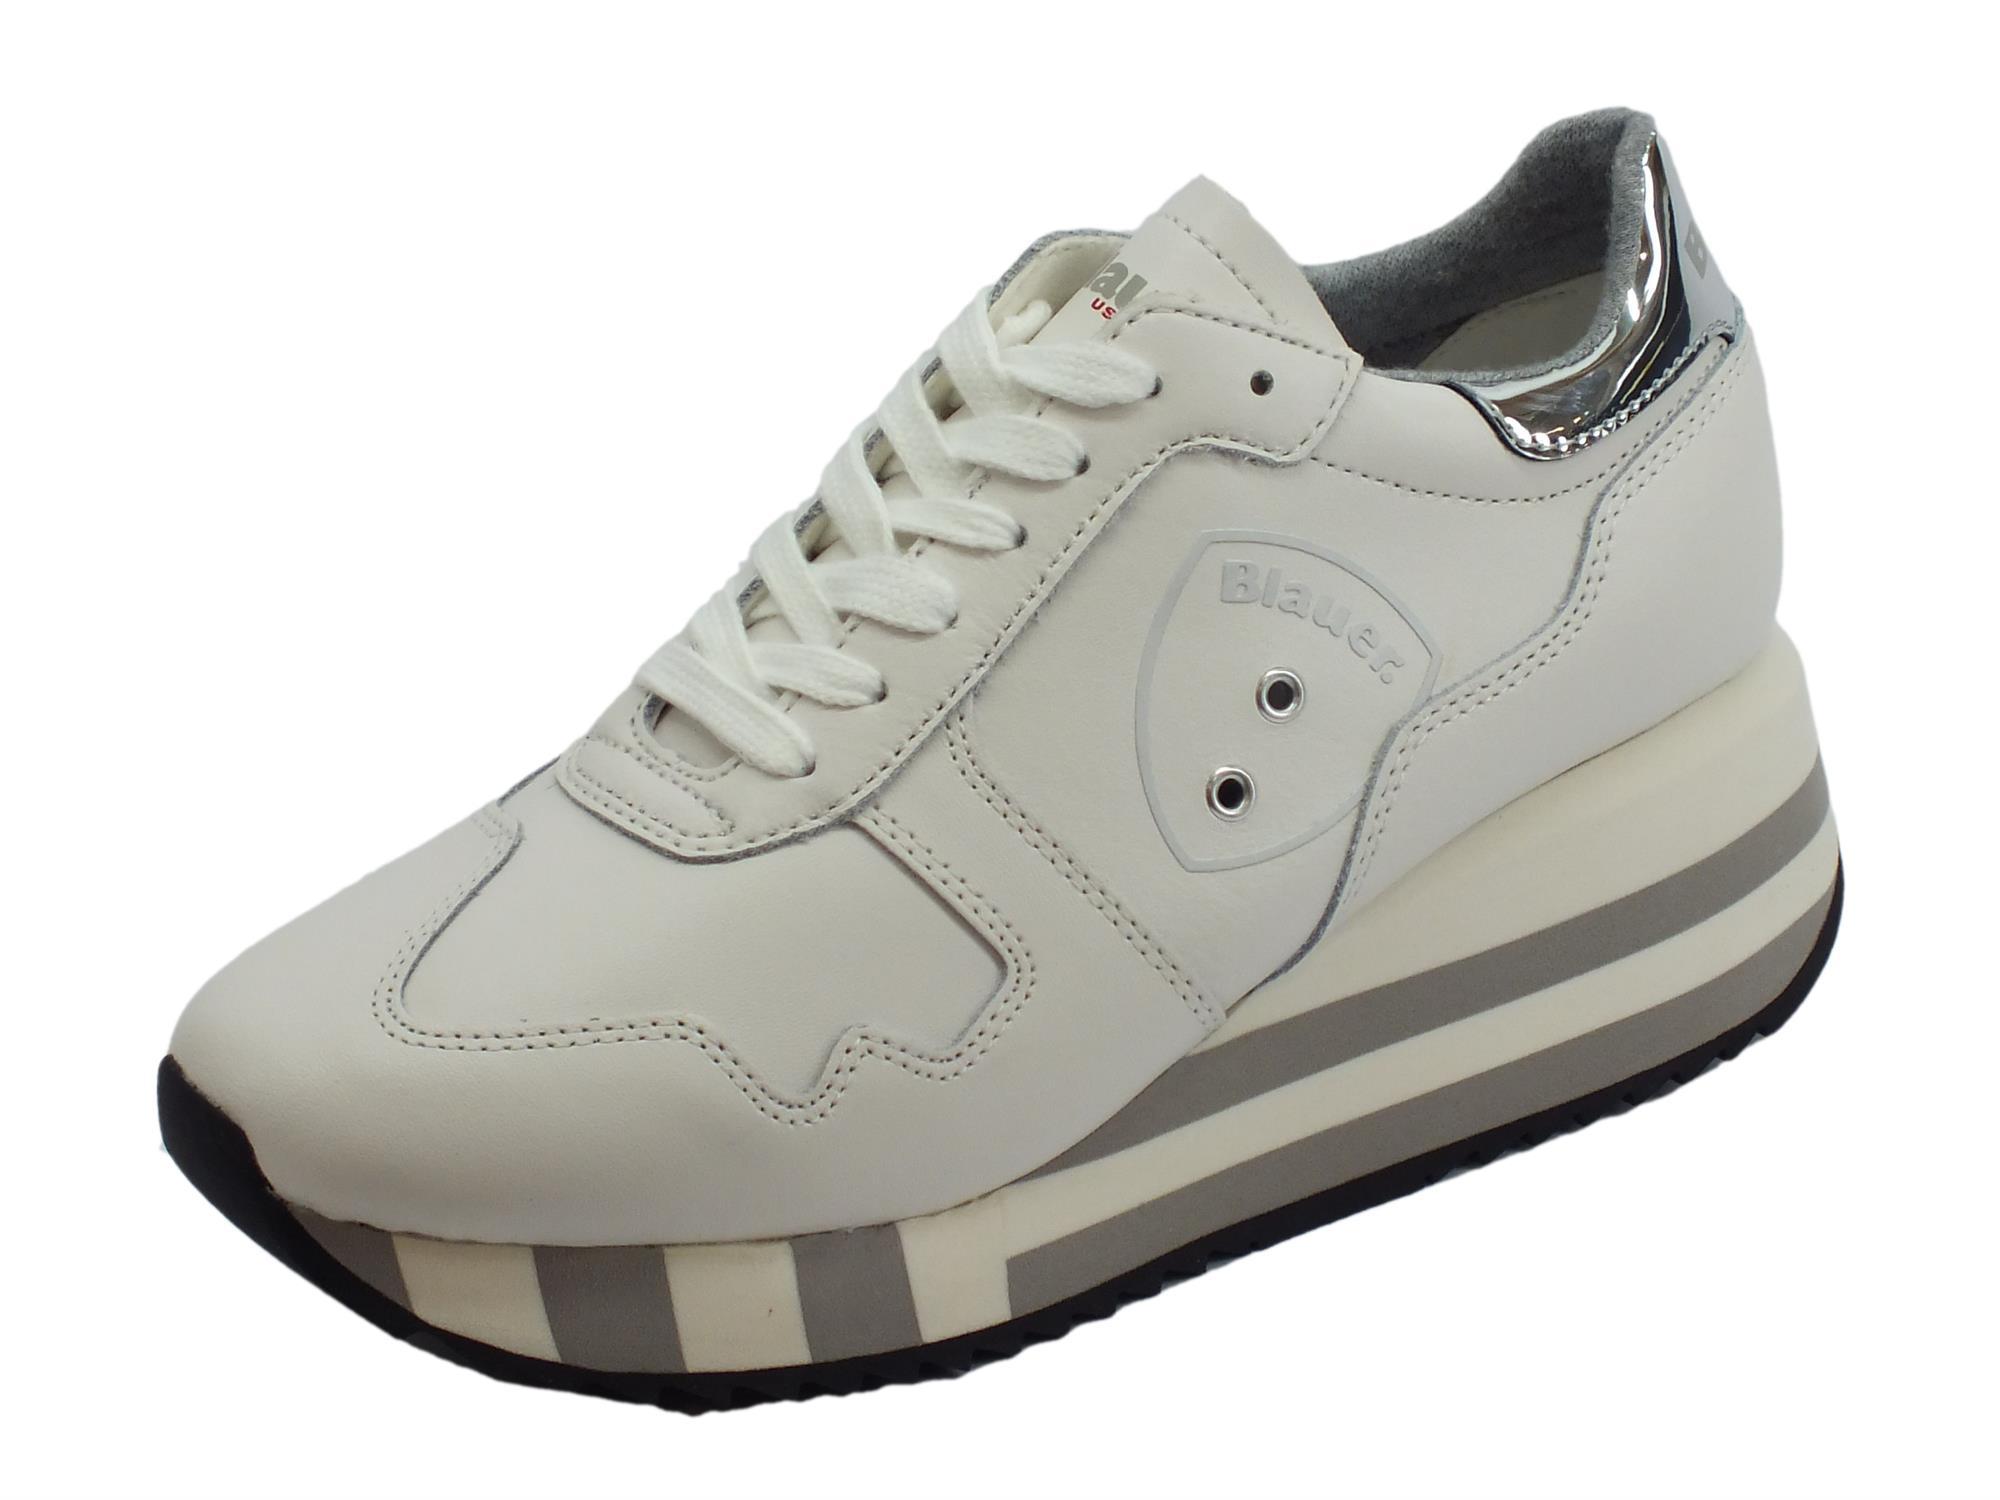 Sneakers Blauer USA donna pelle colore bianco zeppa alta - Vitiello ... 64aad196541